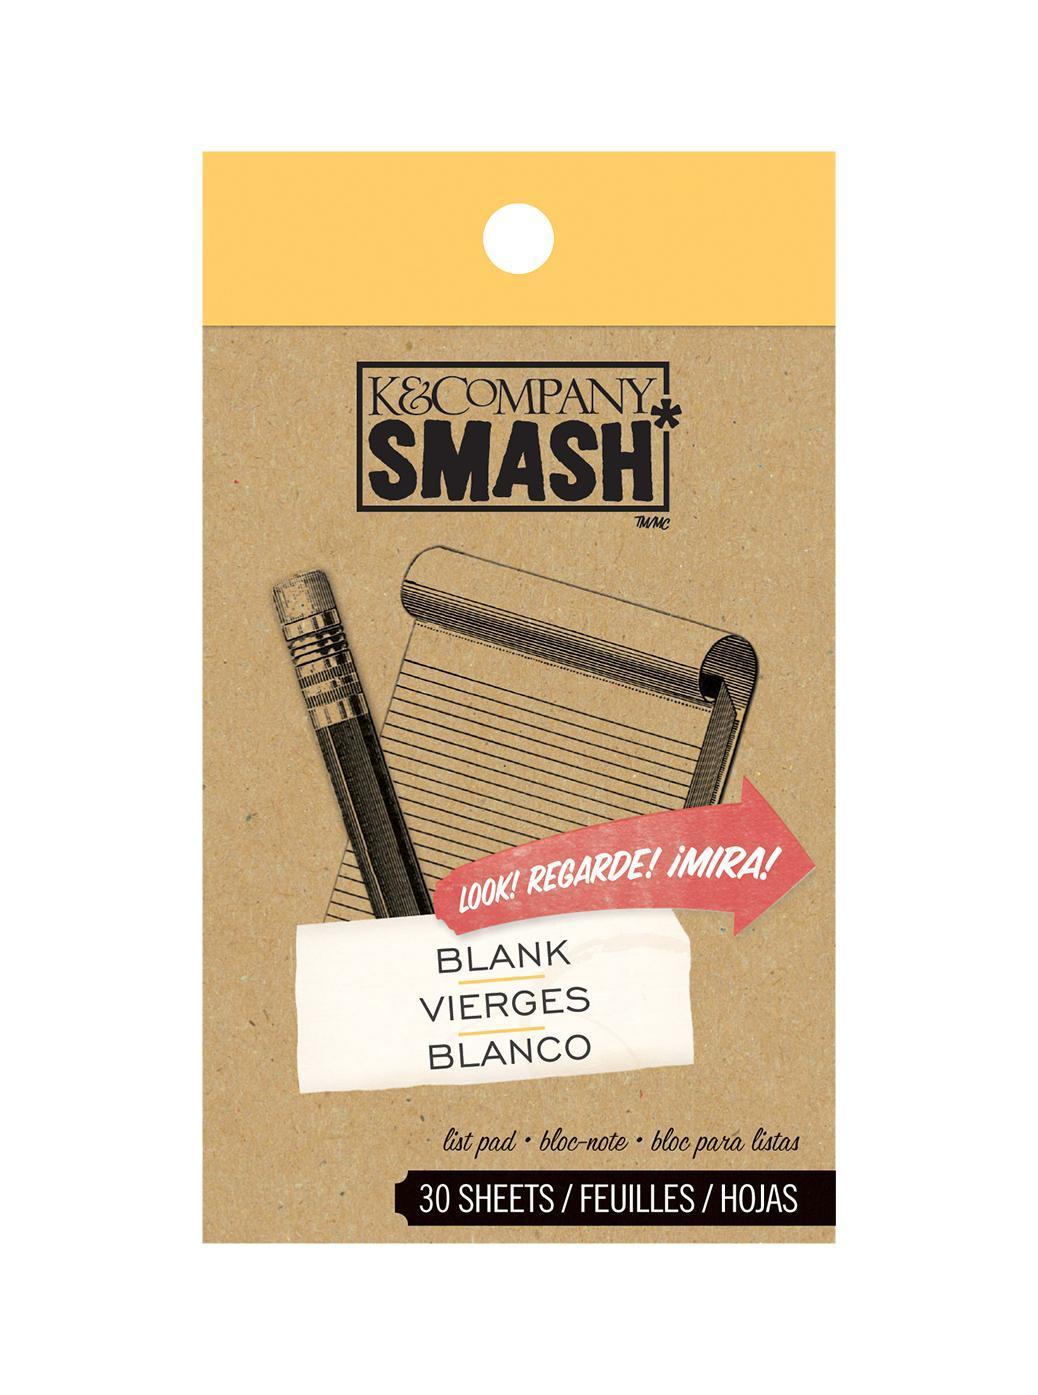 Блокнот K&Company Smash Простые листыKCO-30-629929Блокнот Smash для записей. Включает в себя 30 дизайнерских листов. Идеально подходит для оформления Папки Smash. Размер блокнота ~7*12 см. Материал: БумагаРазмер: 70*120*6